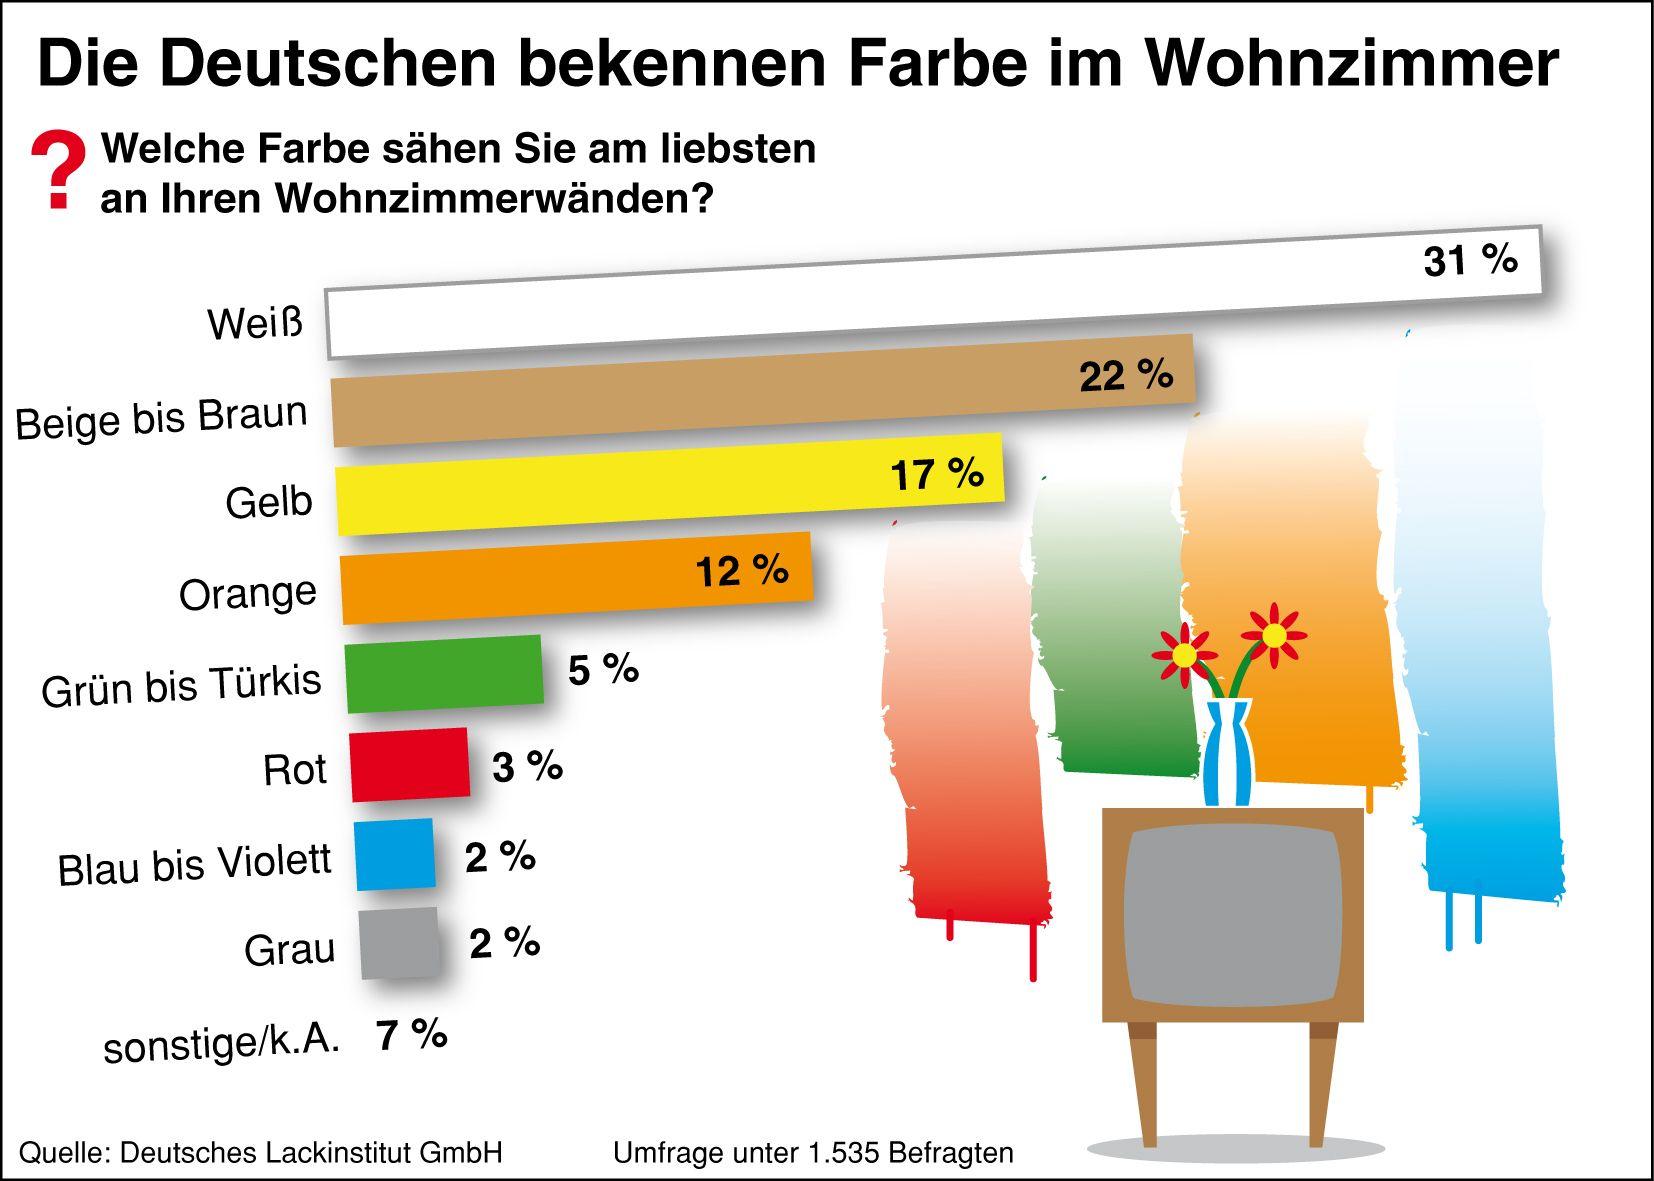 Die Deutschen Bekennen Farbe Im Wohnzimmer Quelle Deutsches Lackinstitut GmbH